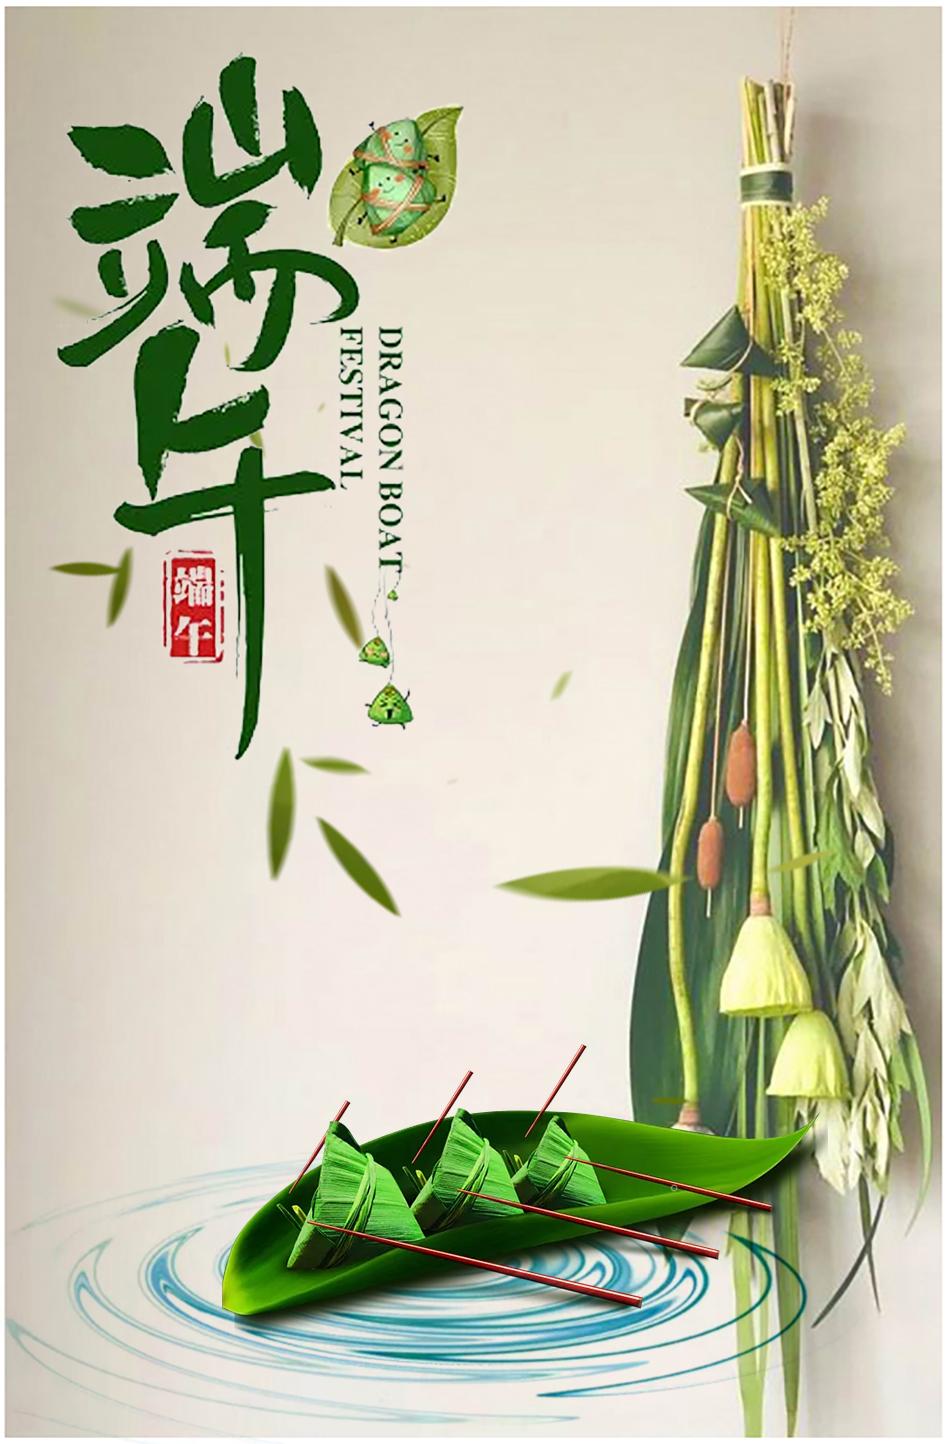 祯鑫科技端午节海报